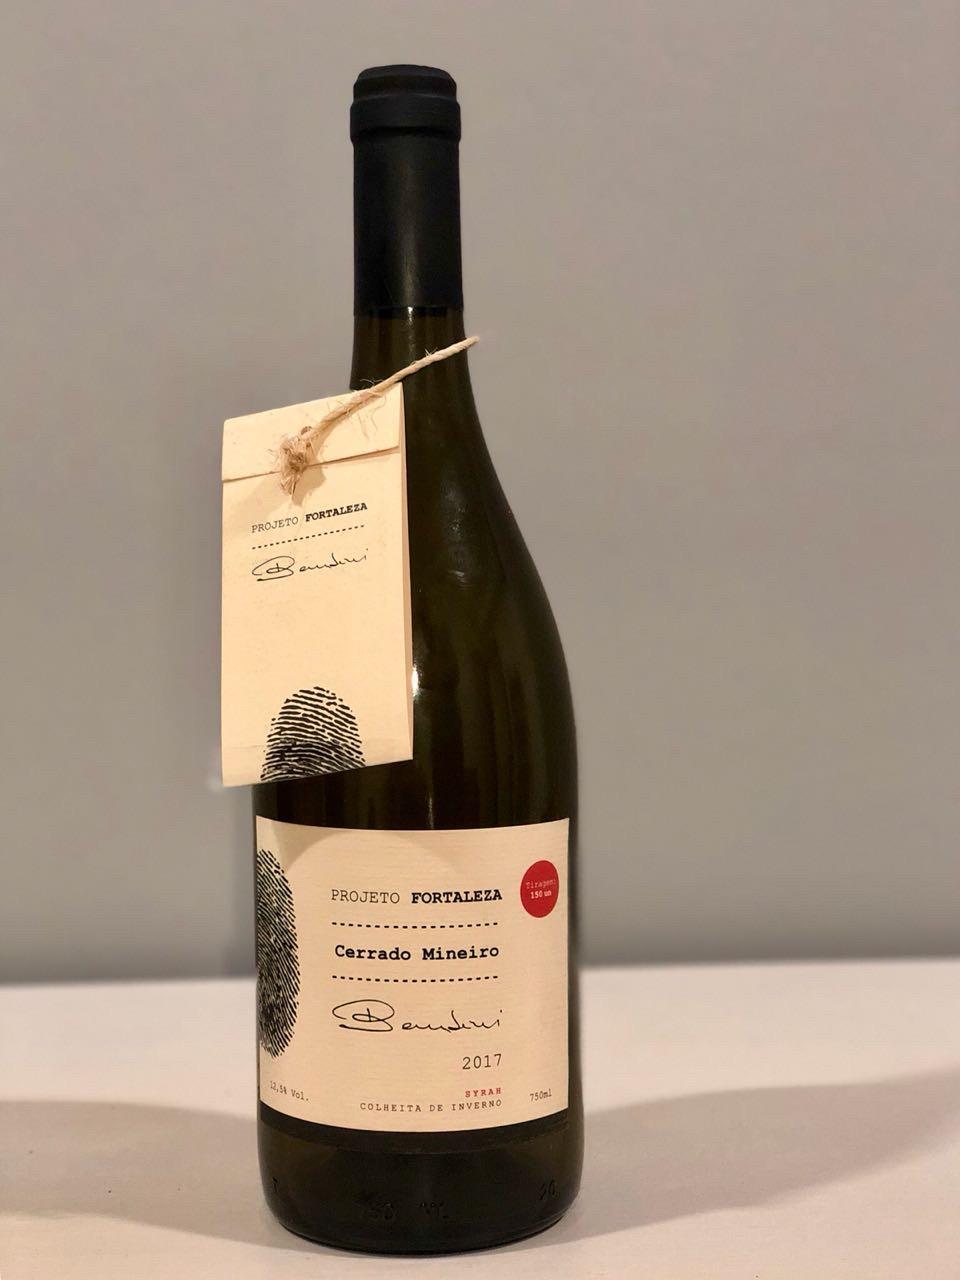 Projeto Fortaleza Syrah 2017, o primeiro vinho do Cerrado Mineiro, foi lançado ofi cialmente no dia 11 de junho de 2018, durante o encontro dos participantes do Projeto Vinhos do Cerrado